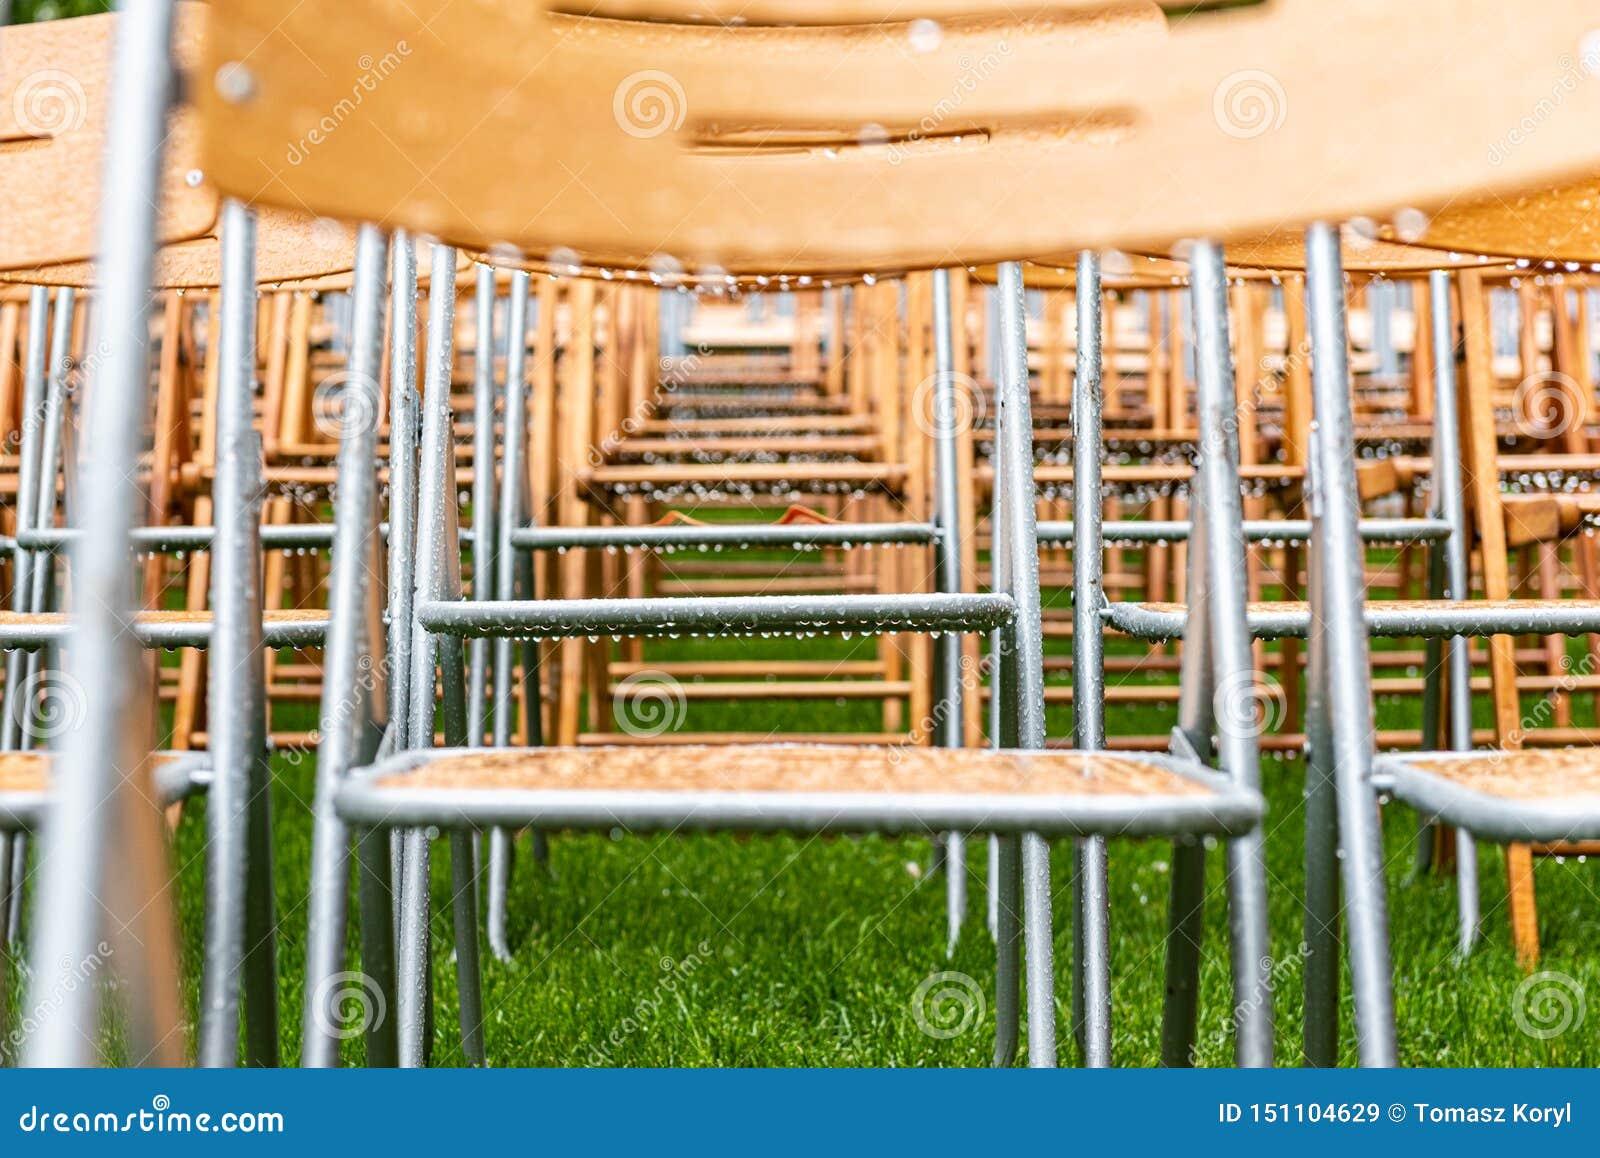 Houten stoelentribune buiten in het park in de regen Leeg auditorium, groen gras, waterdrops, close-up